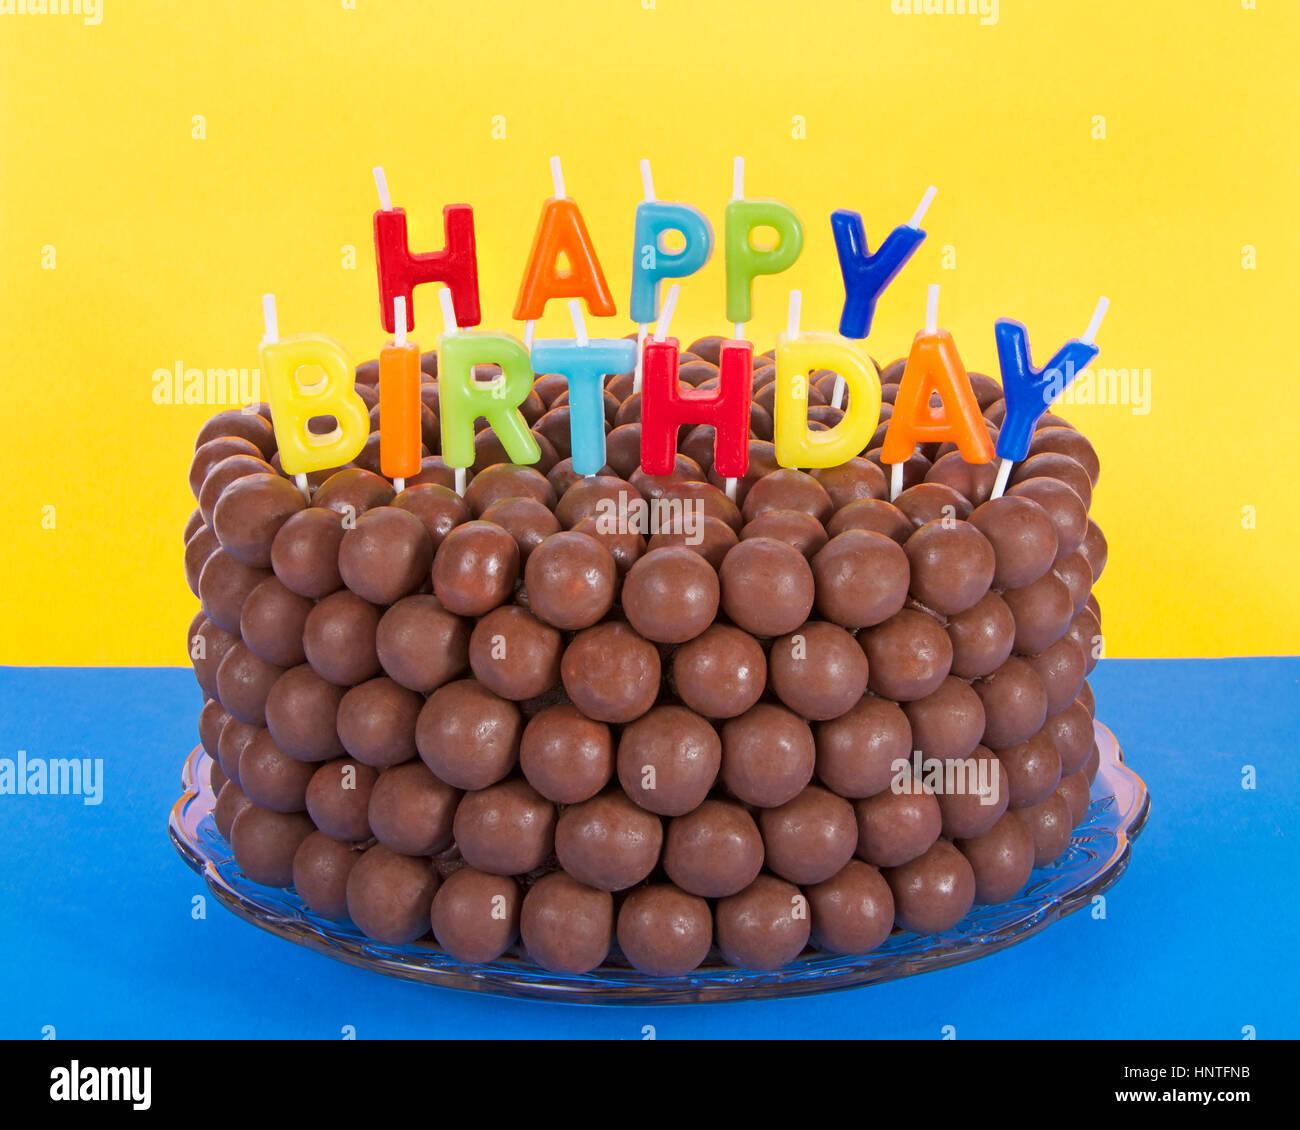 D'un Whopper Anniversaire Chocolat gâteau décoré de bonbons boules de malt et joyeux anniversaire Photo Stock